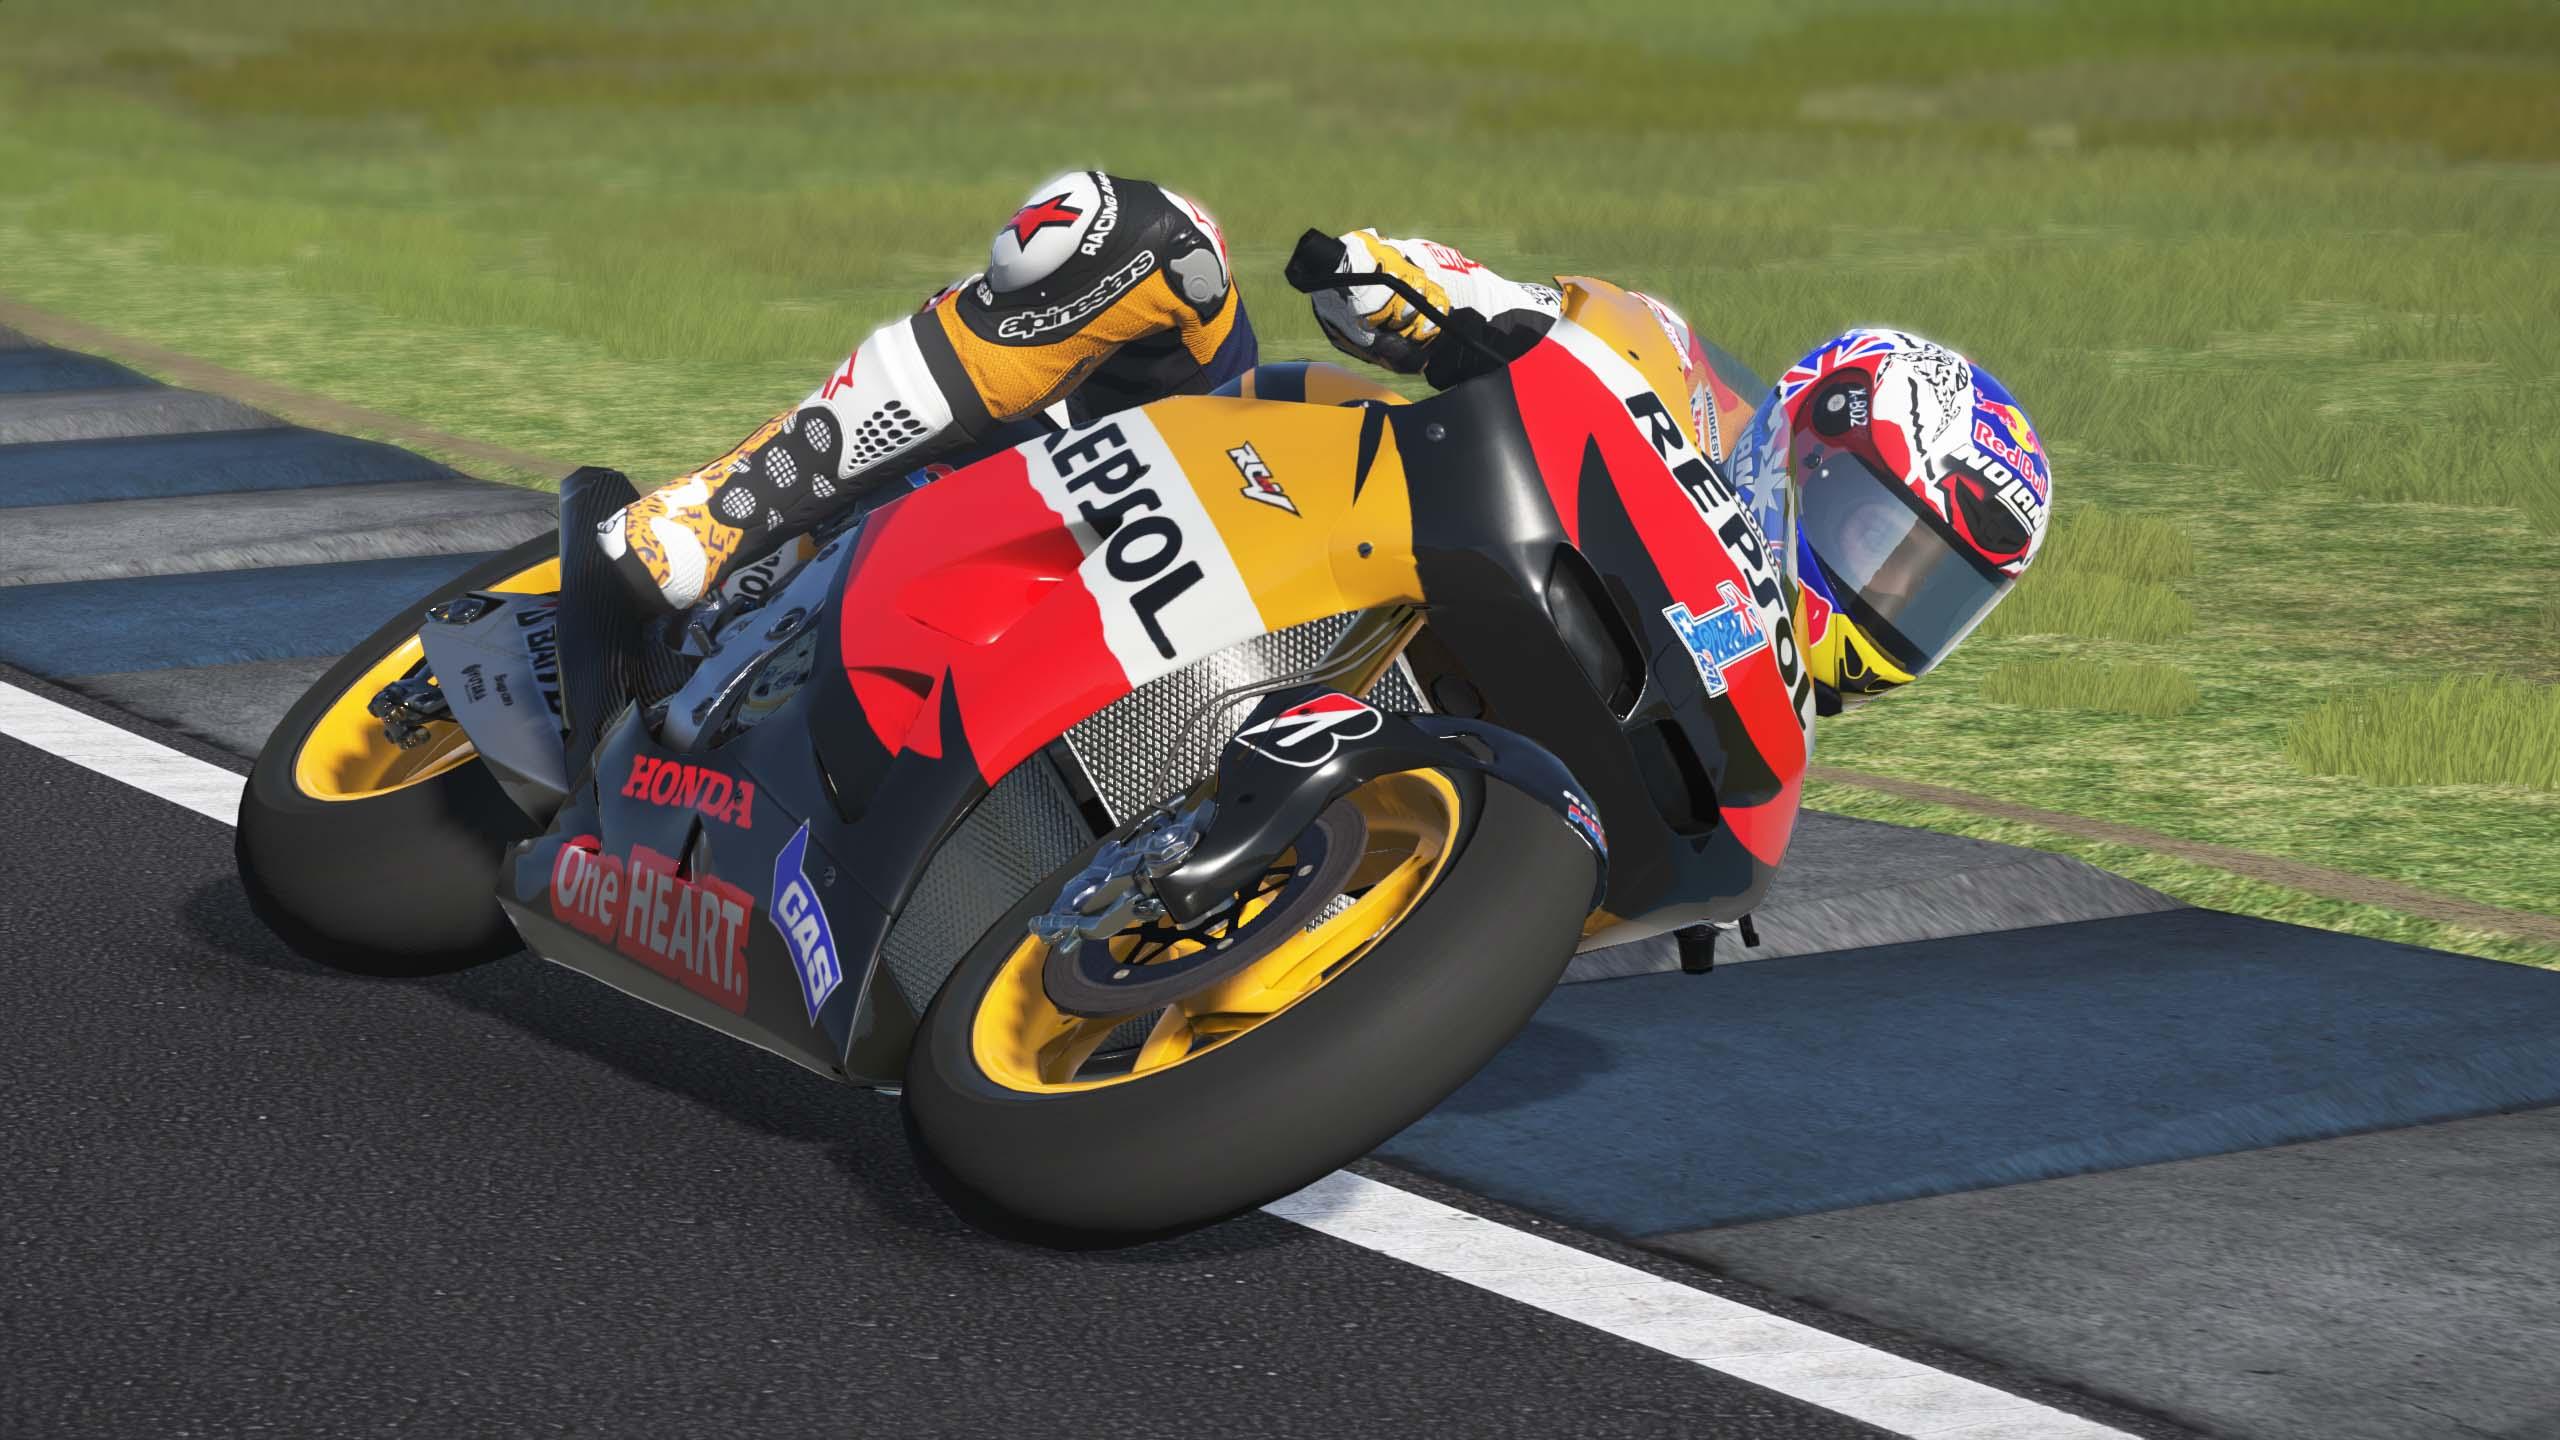 MotoGPVR46X64 2016-09-01 23-51-47-85.jpg